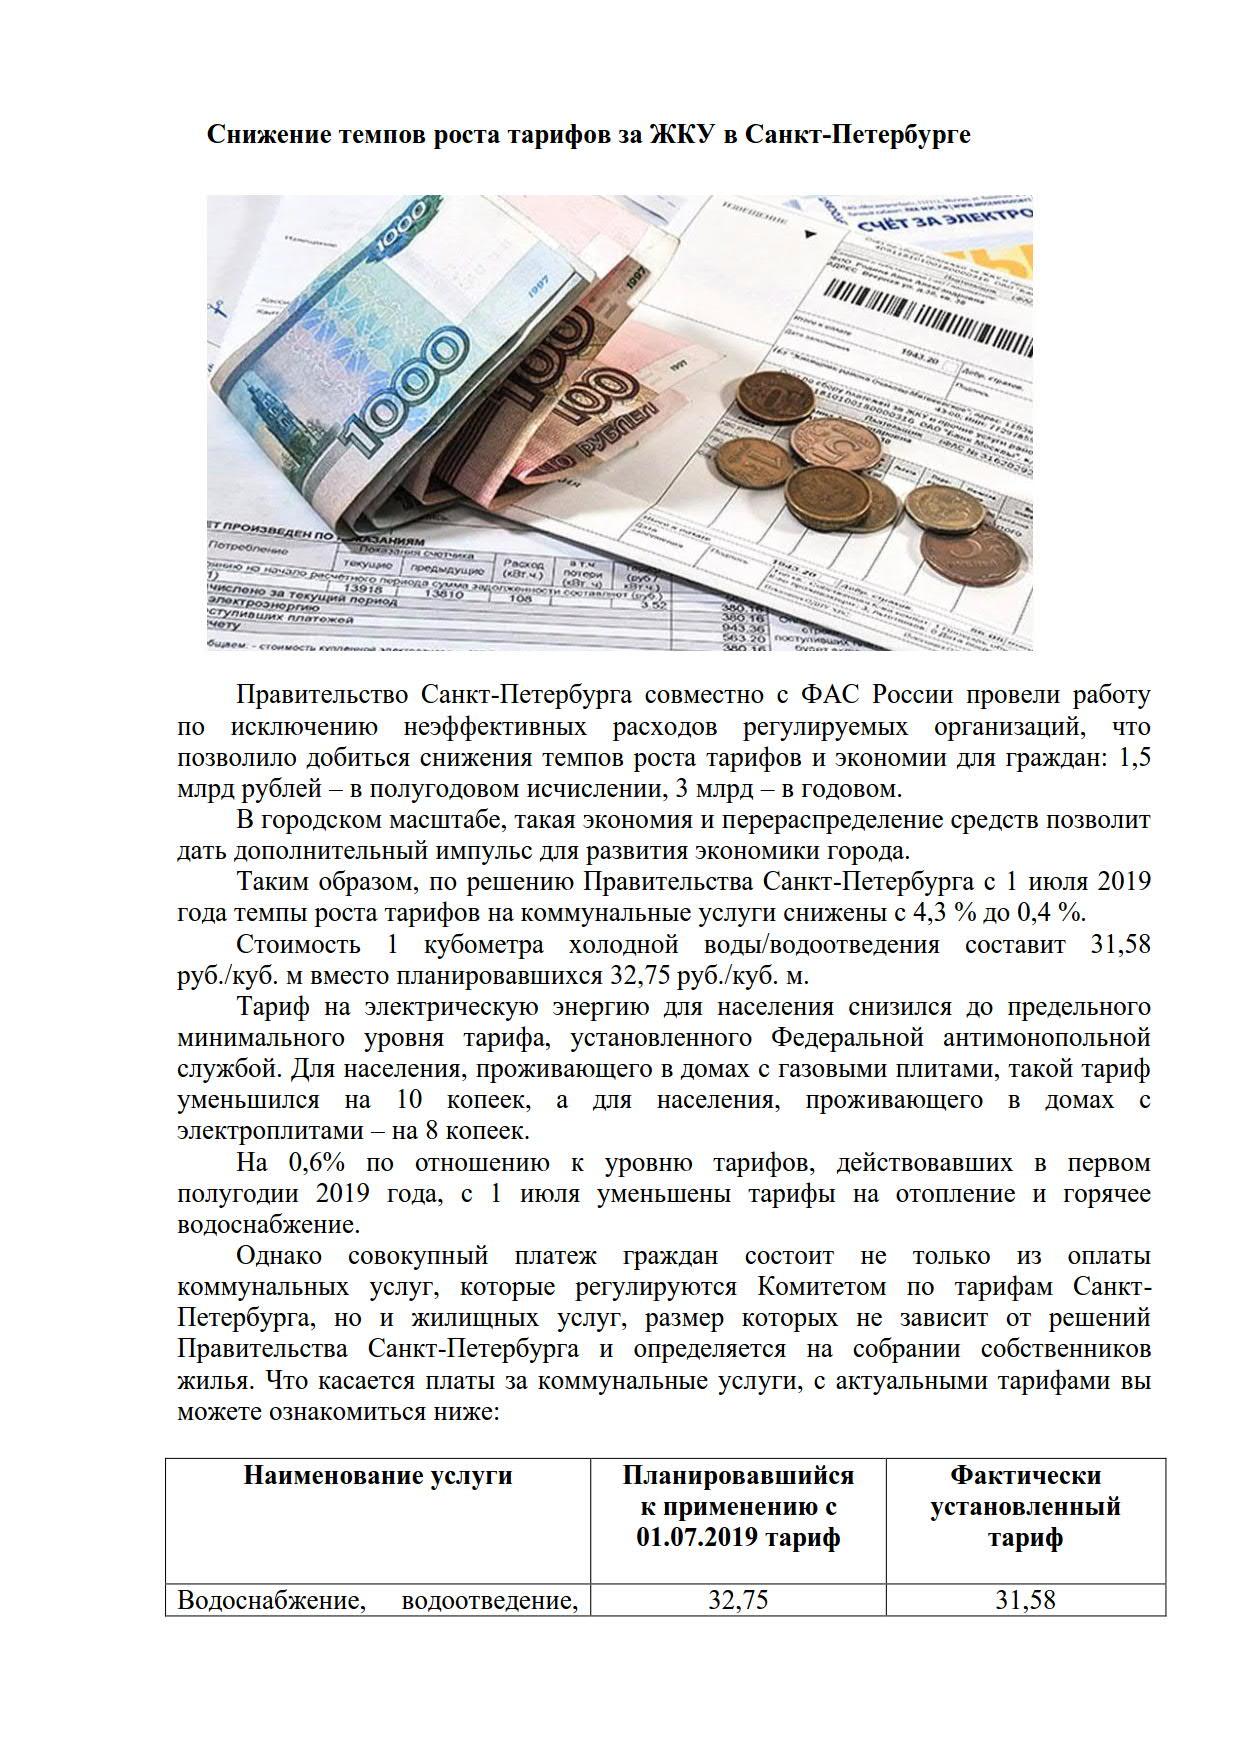 Тарифы за ЖКУ в СПб_1